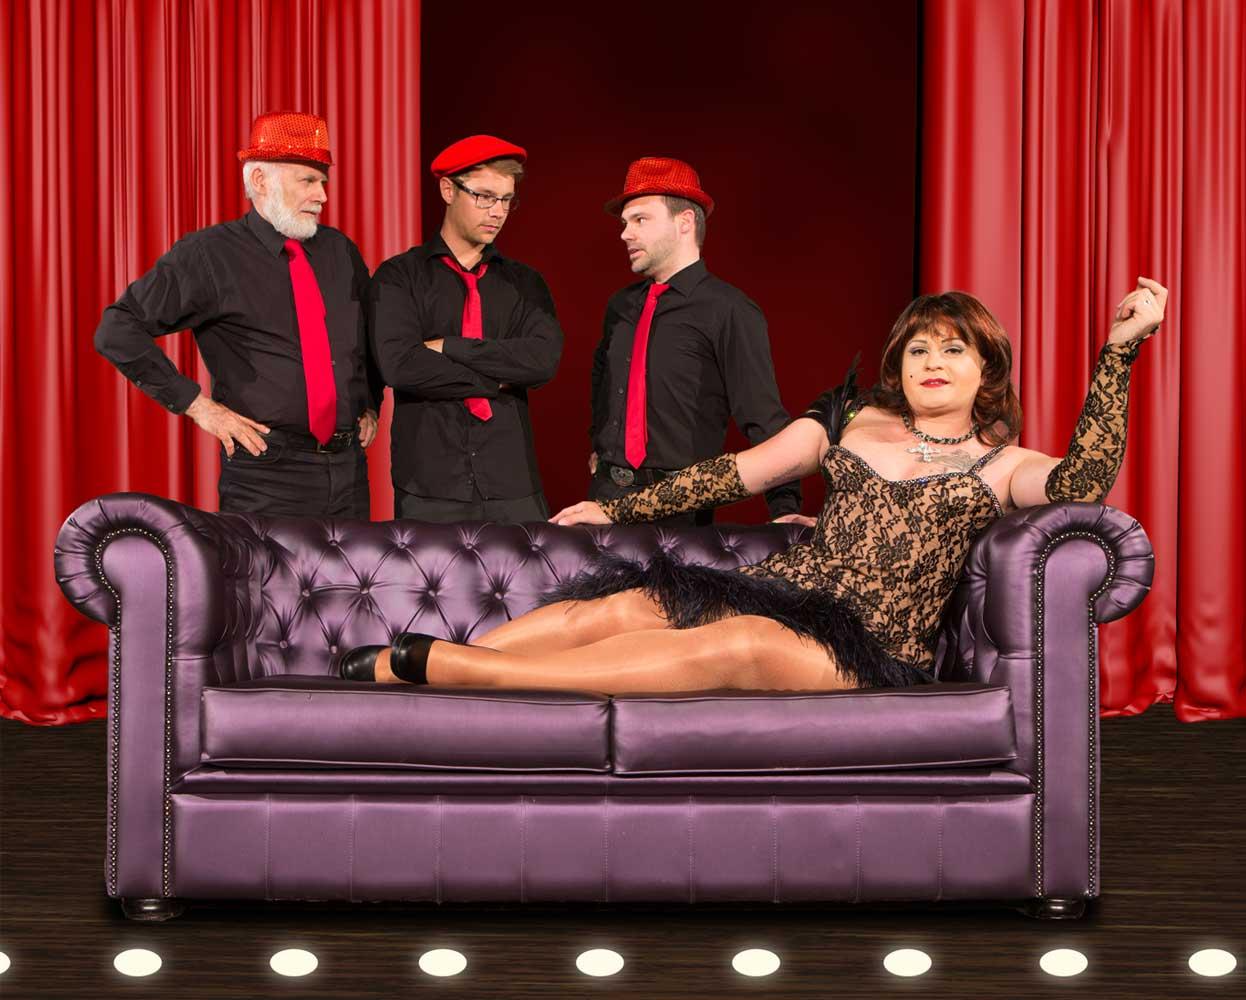 Miss Gloria Vain auf dem Sofa